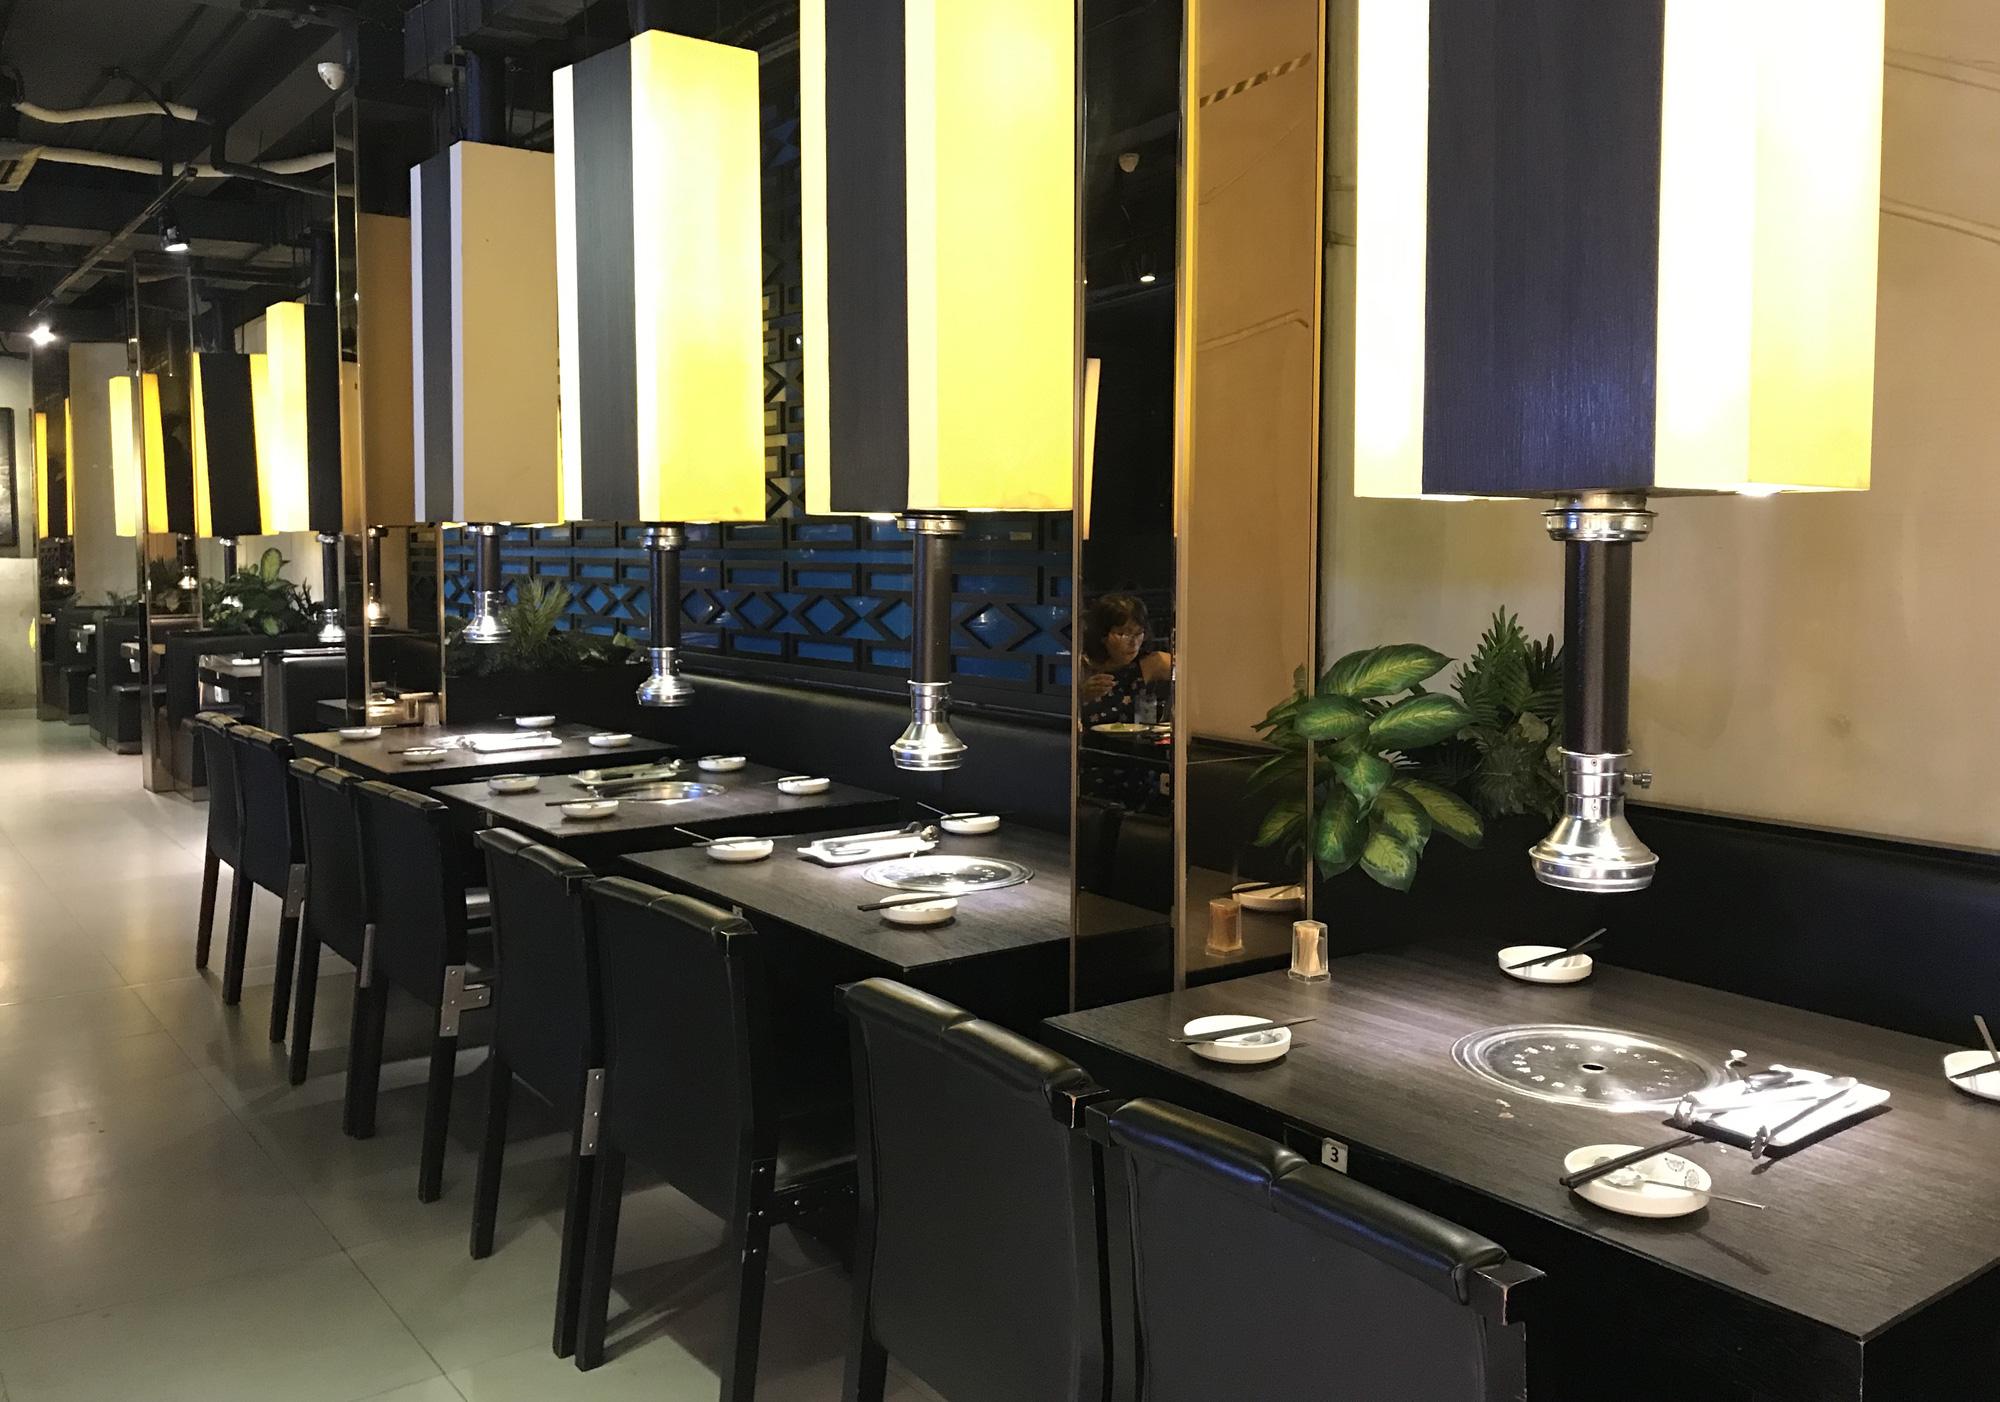 Nhà hàng, quán ăn, cà phê, trà sữa ở Sài Gòn quay lại cảnh đợi khách, vắng tanh chưa từng thấy vì dịch Covid-19 - Ảnh 8.